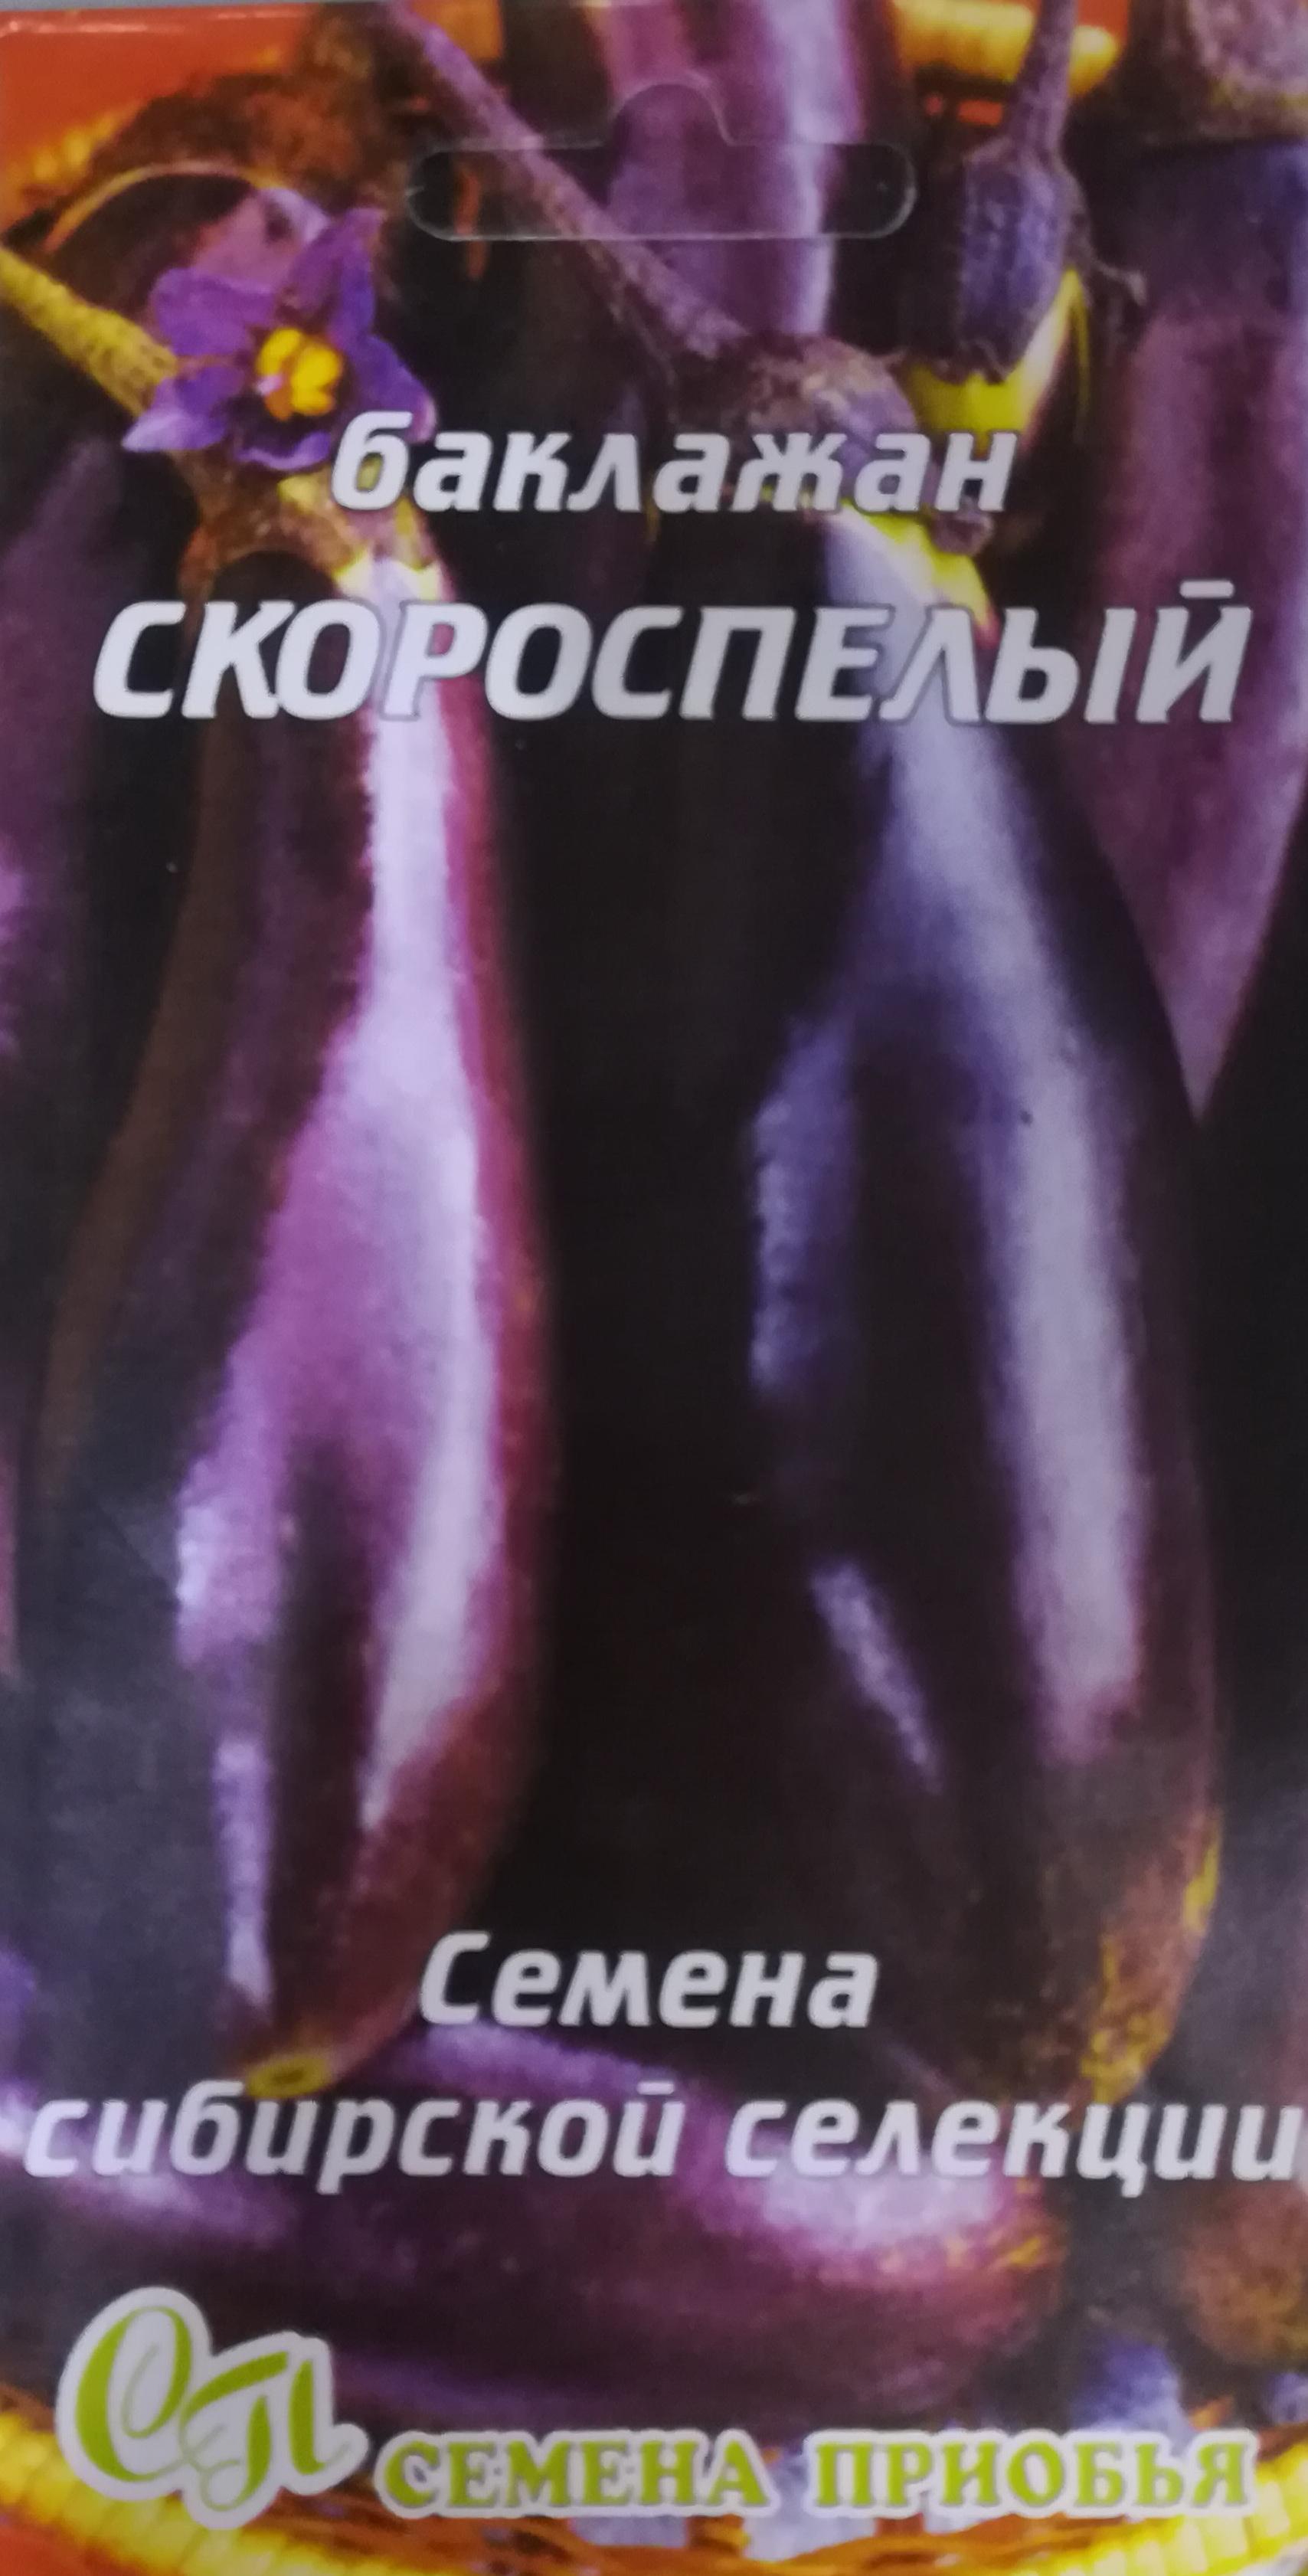 Баклажан Скороспелый ф.п.20шт